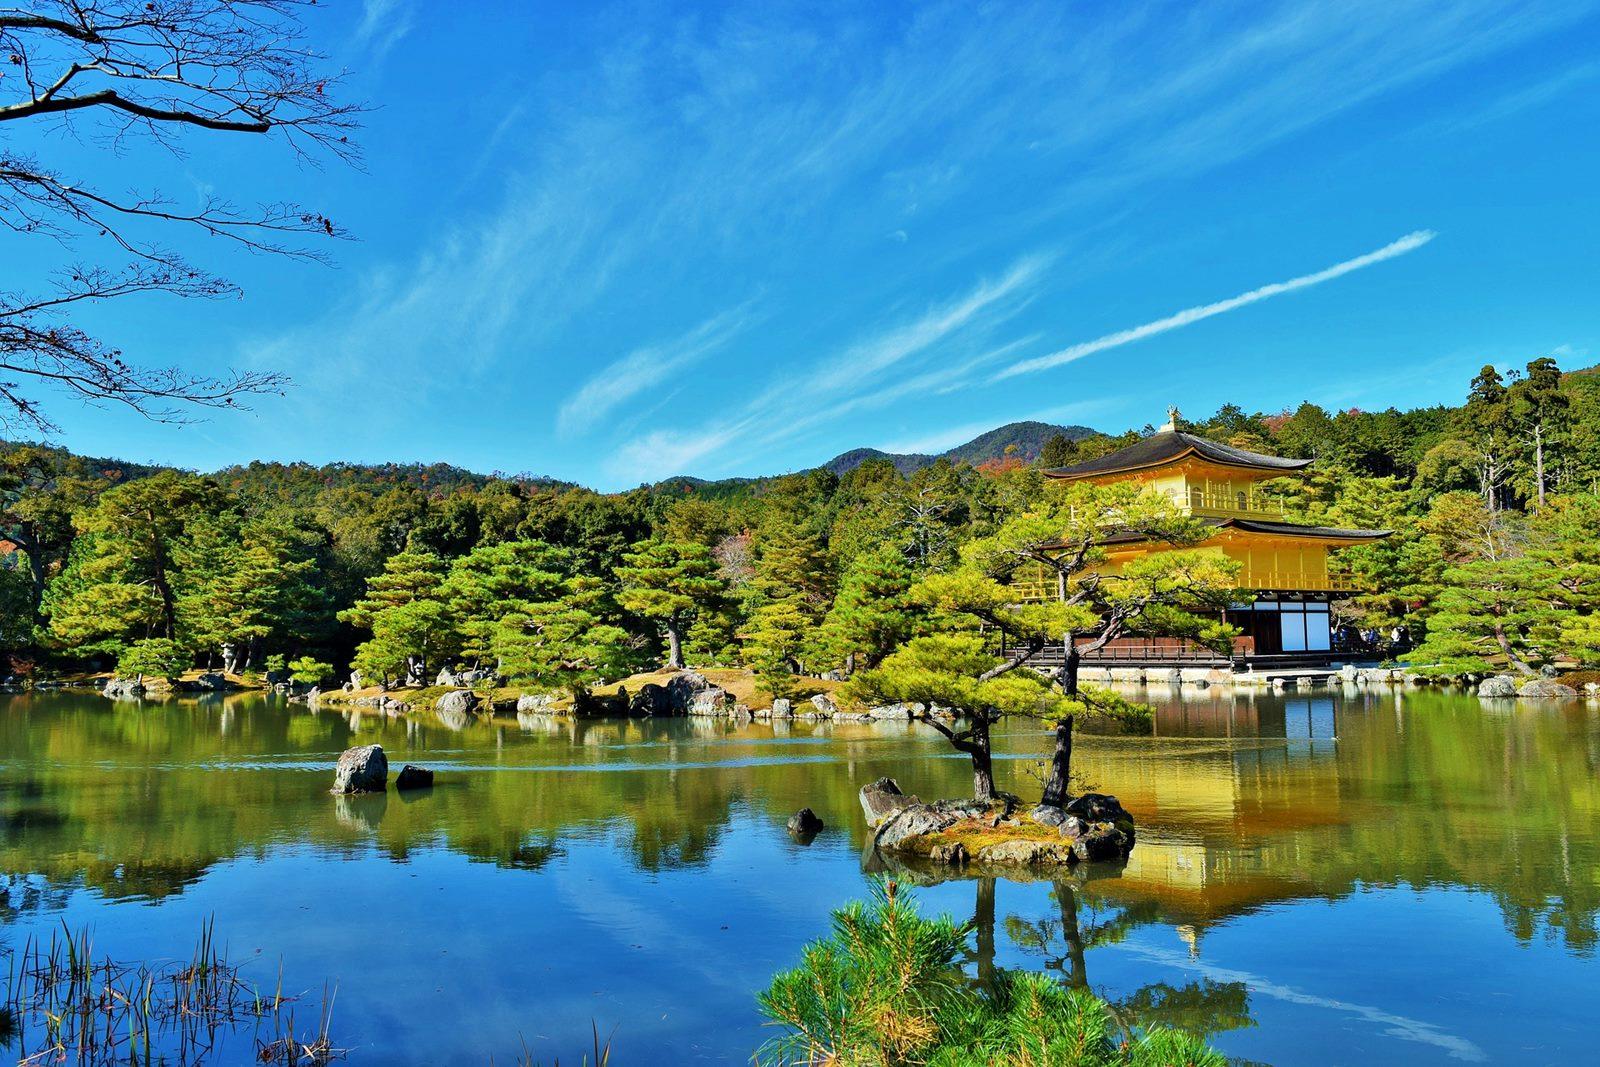 日本-關西-大阪-京都-神戶-奈良-景點-推薦-美食-交通-住宿-優惠券-自由行-旅遊-必玩-必去-必遊-行程-Osaka-Kyoto-Kobe-Nara-Tourist-Attraction-Travel-Japan